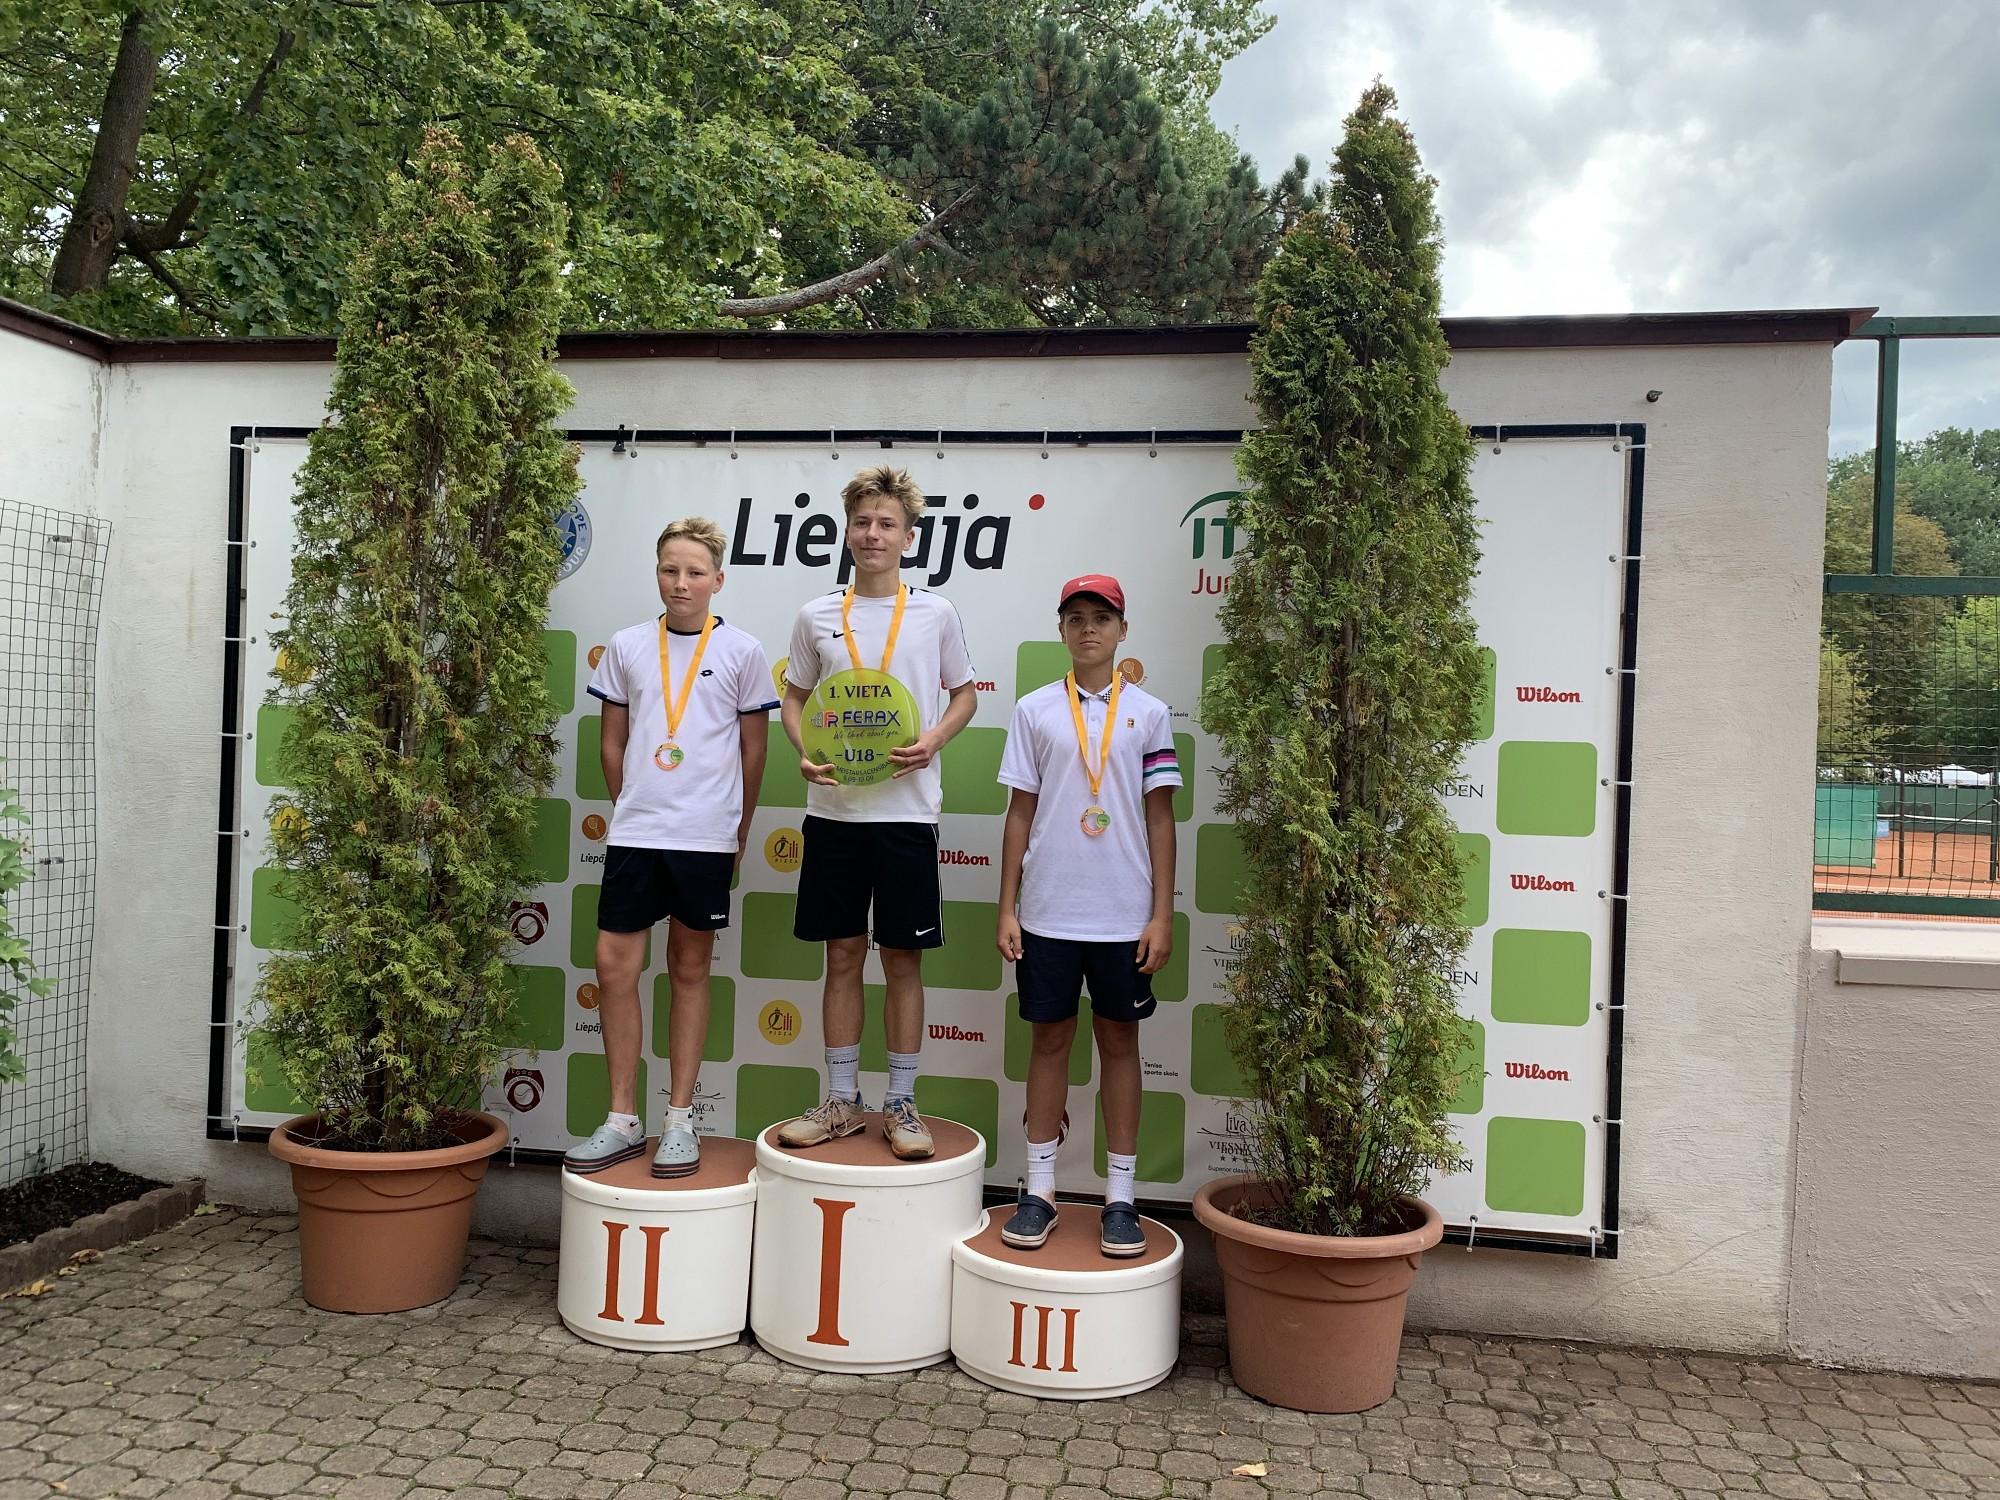 Liepājas jaunie tenisisti sacensībās demonstrē lielisku sniegumu